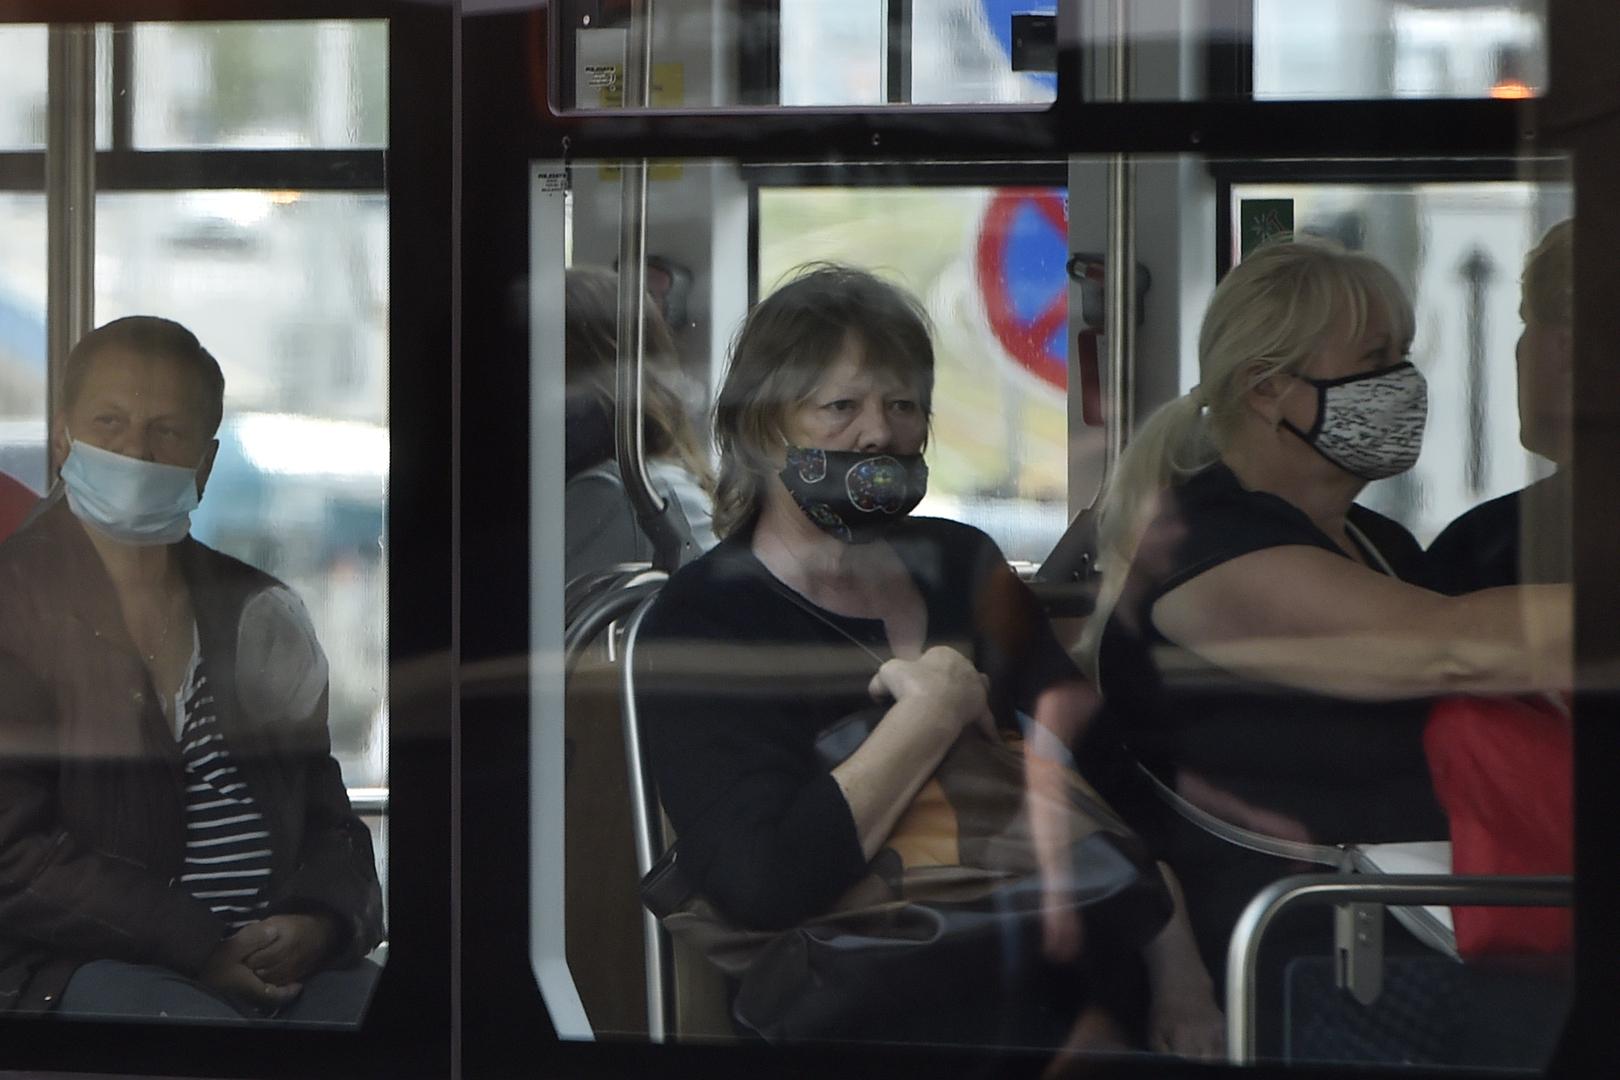 التشيك تشدد قيود كورونا بعد ارتفاع حالات الإصابة